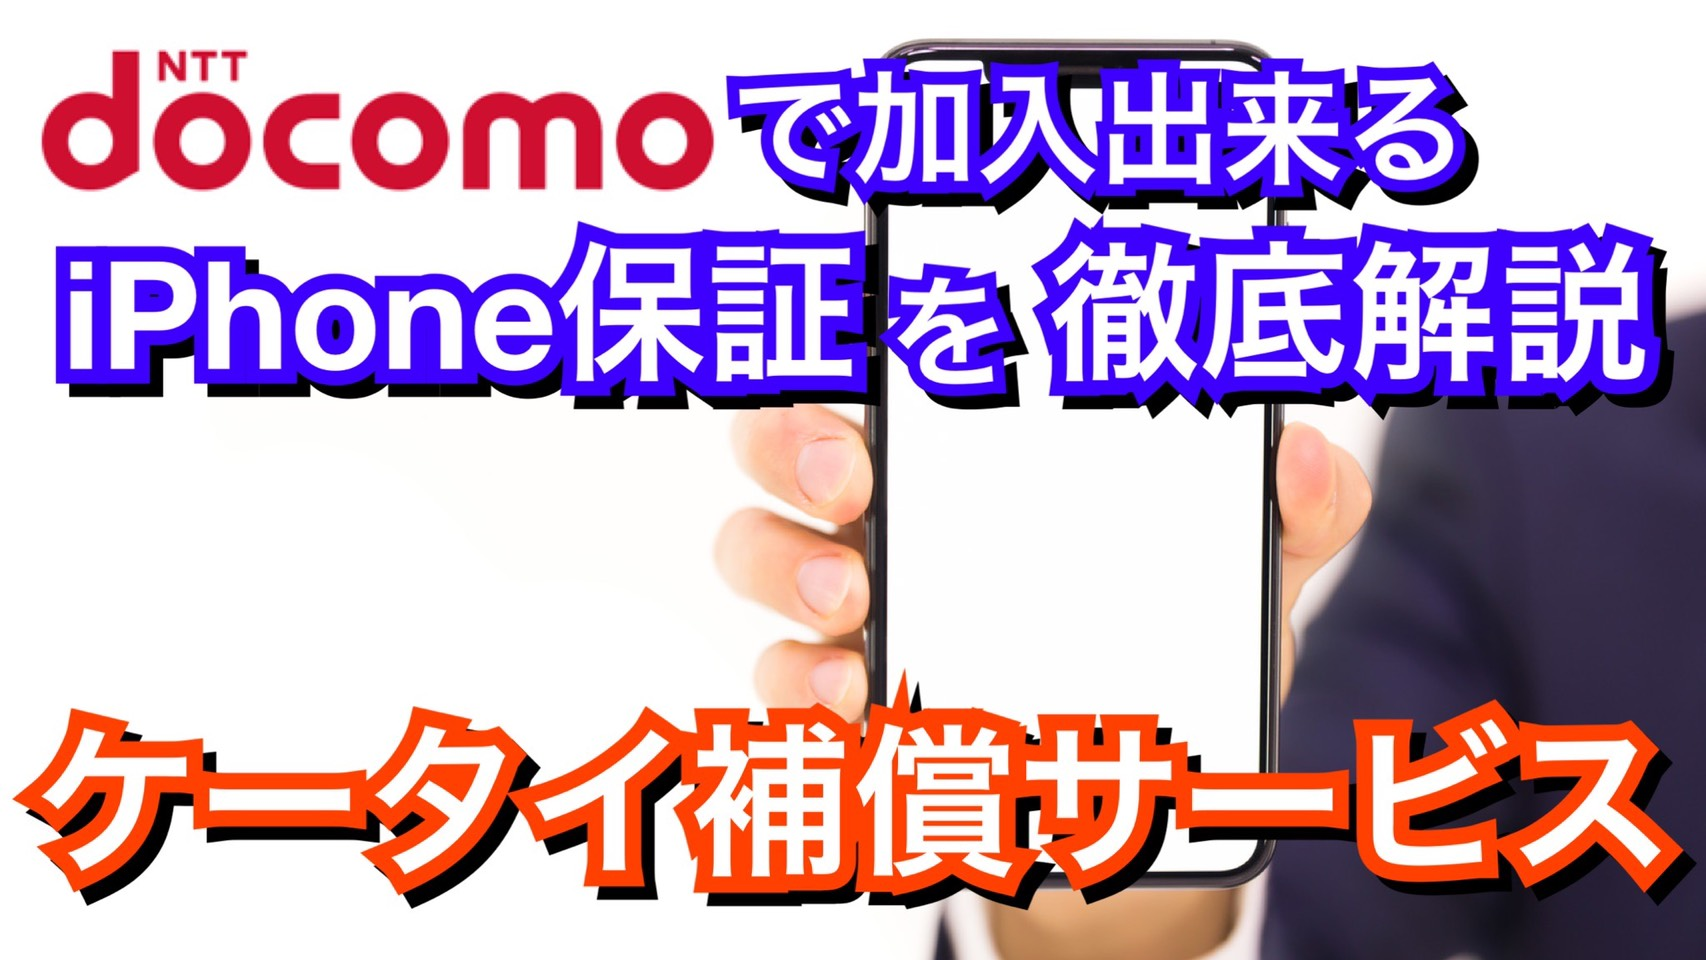 【解説】docomo『ケータイ補償サービス』って何?iPhoneにも活かせる補償が満載!